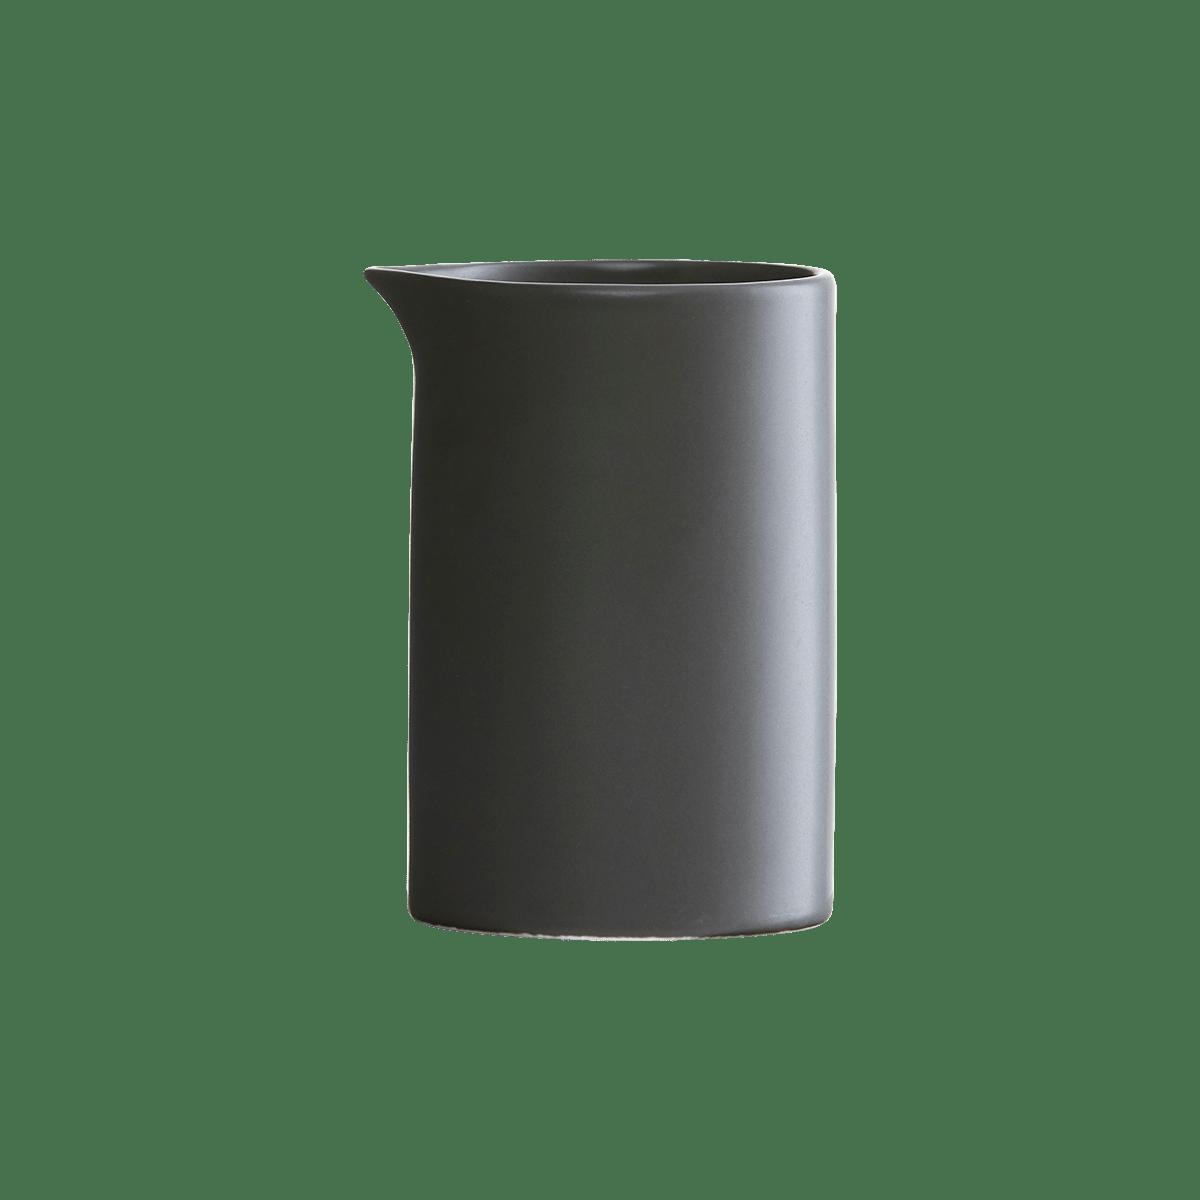 Sada 2 ks − Černá konvice na mléko Pot